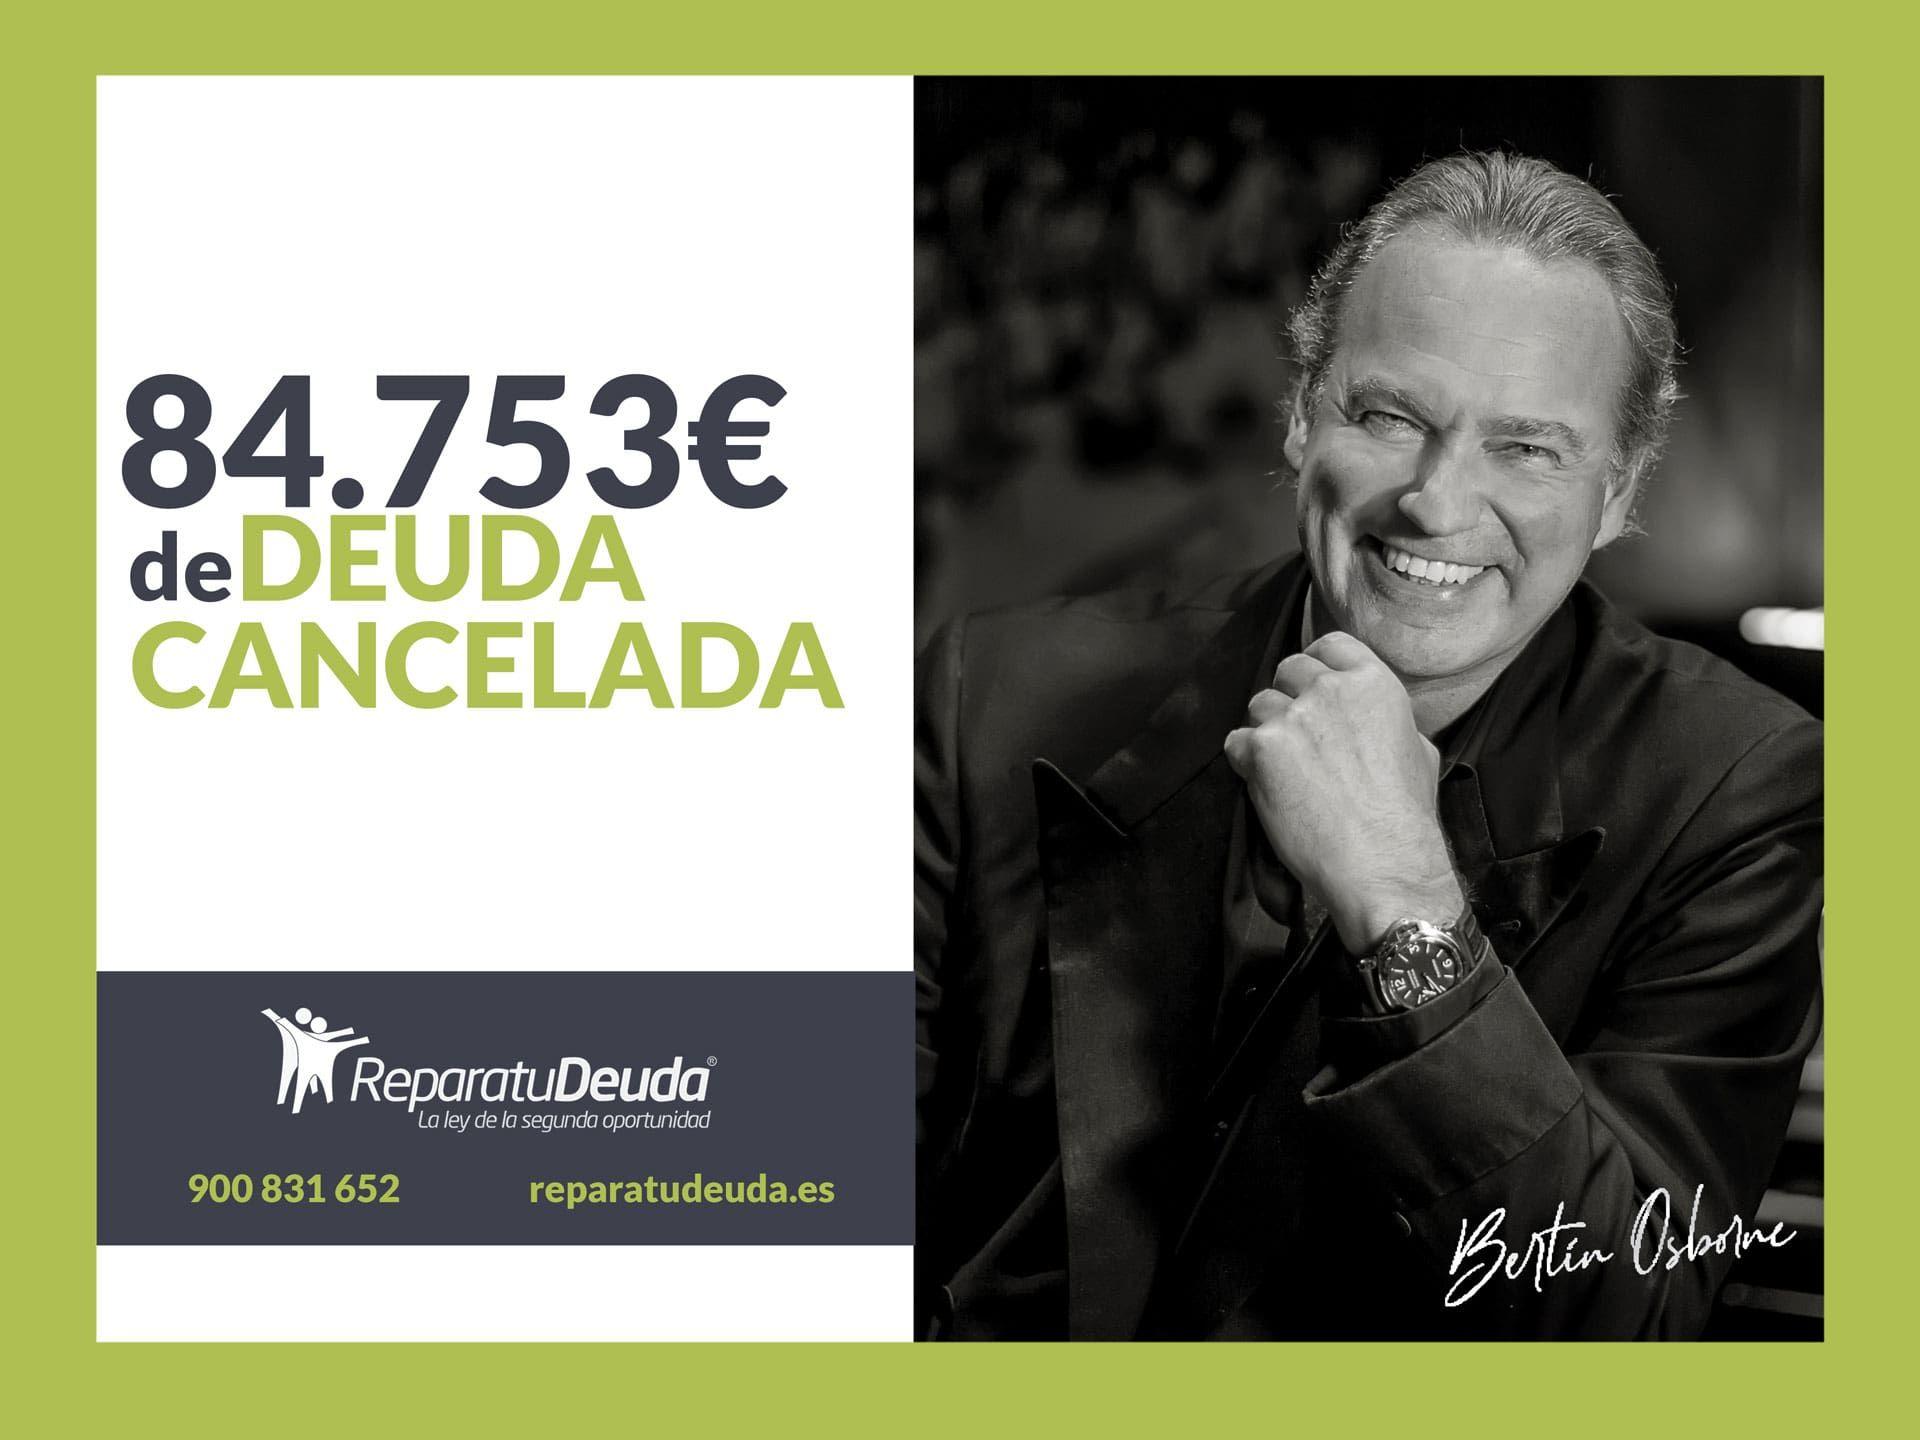 Repara tu Deuda Abogados cancela 84.753 € con deuda pública en Madrid con la Ley de la Segunda Oportunidad